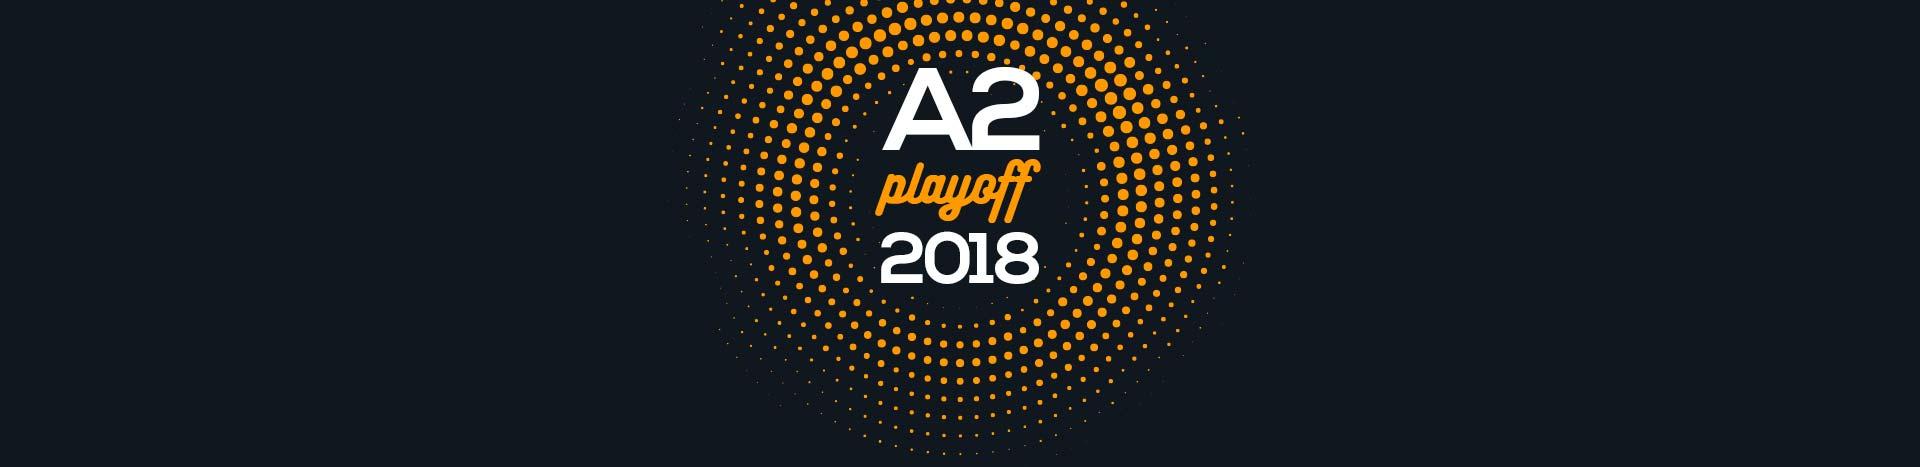 A2 Playoff 2018 Ottavi – Il tabellone e i risultati dei match di Gara2. Alla Effe anche la seconda